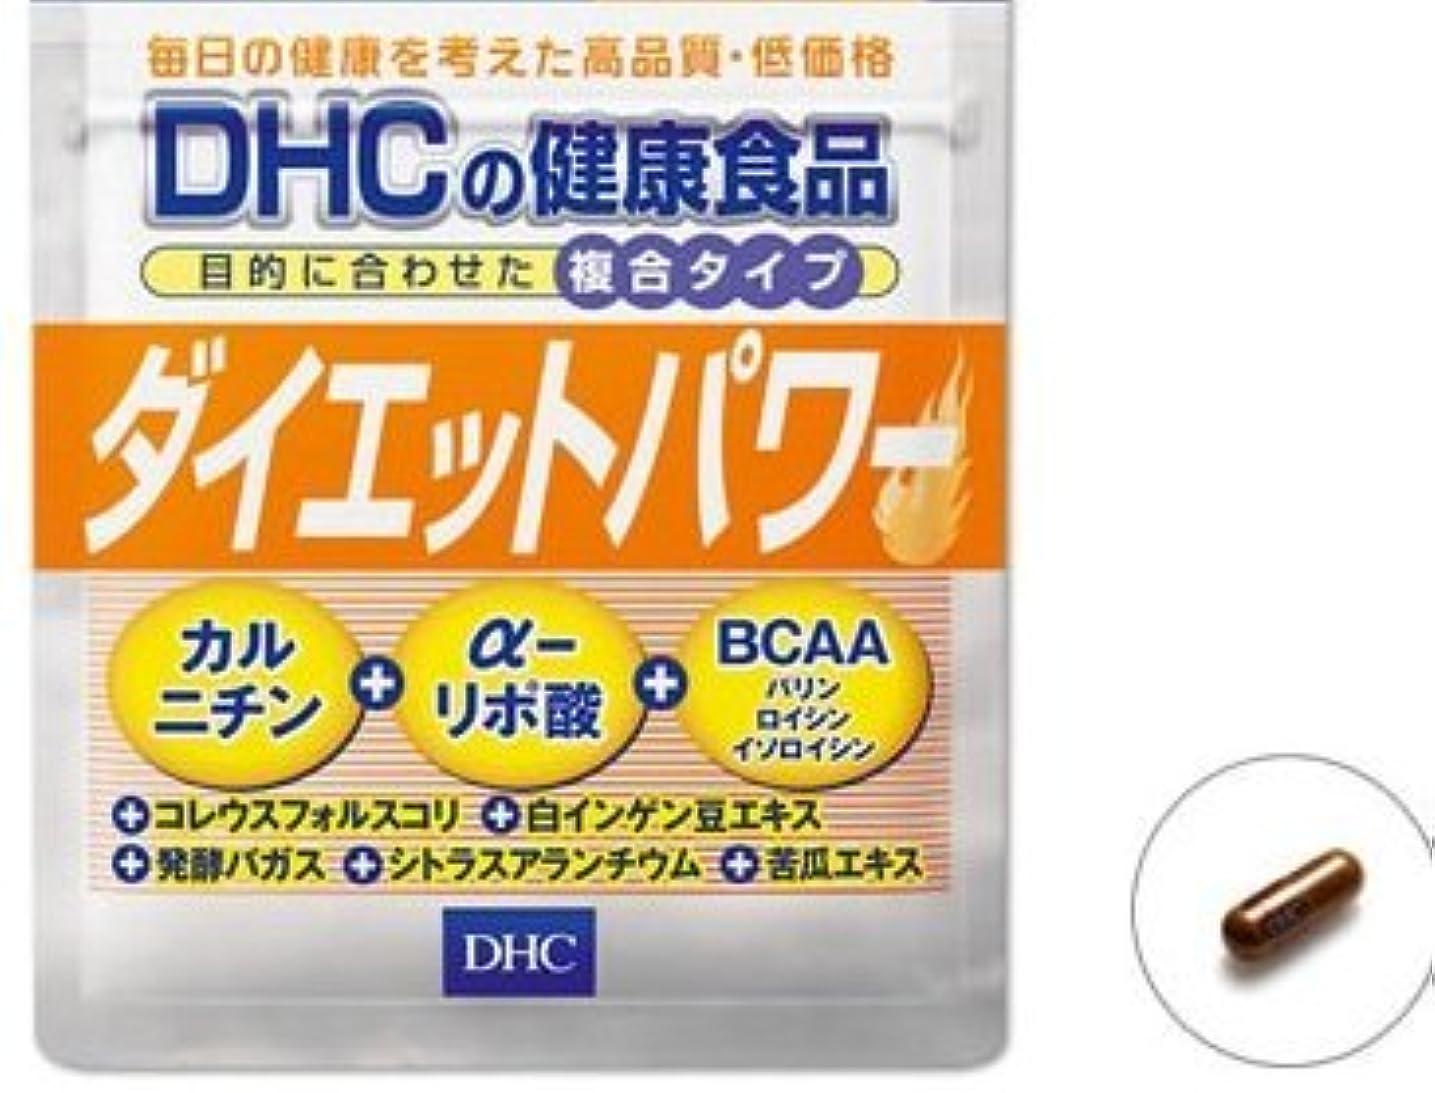 セットアップ厳密に流用するDHC ダイエットパワー 20日分 × 5セット